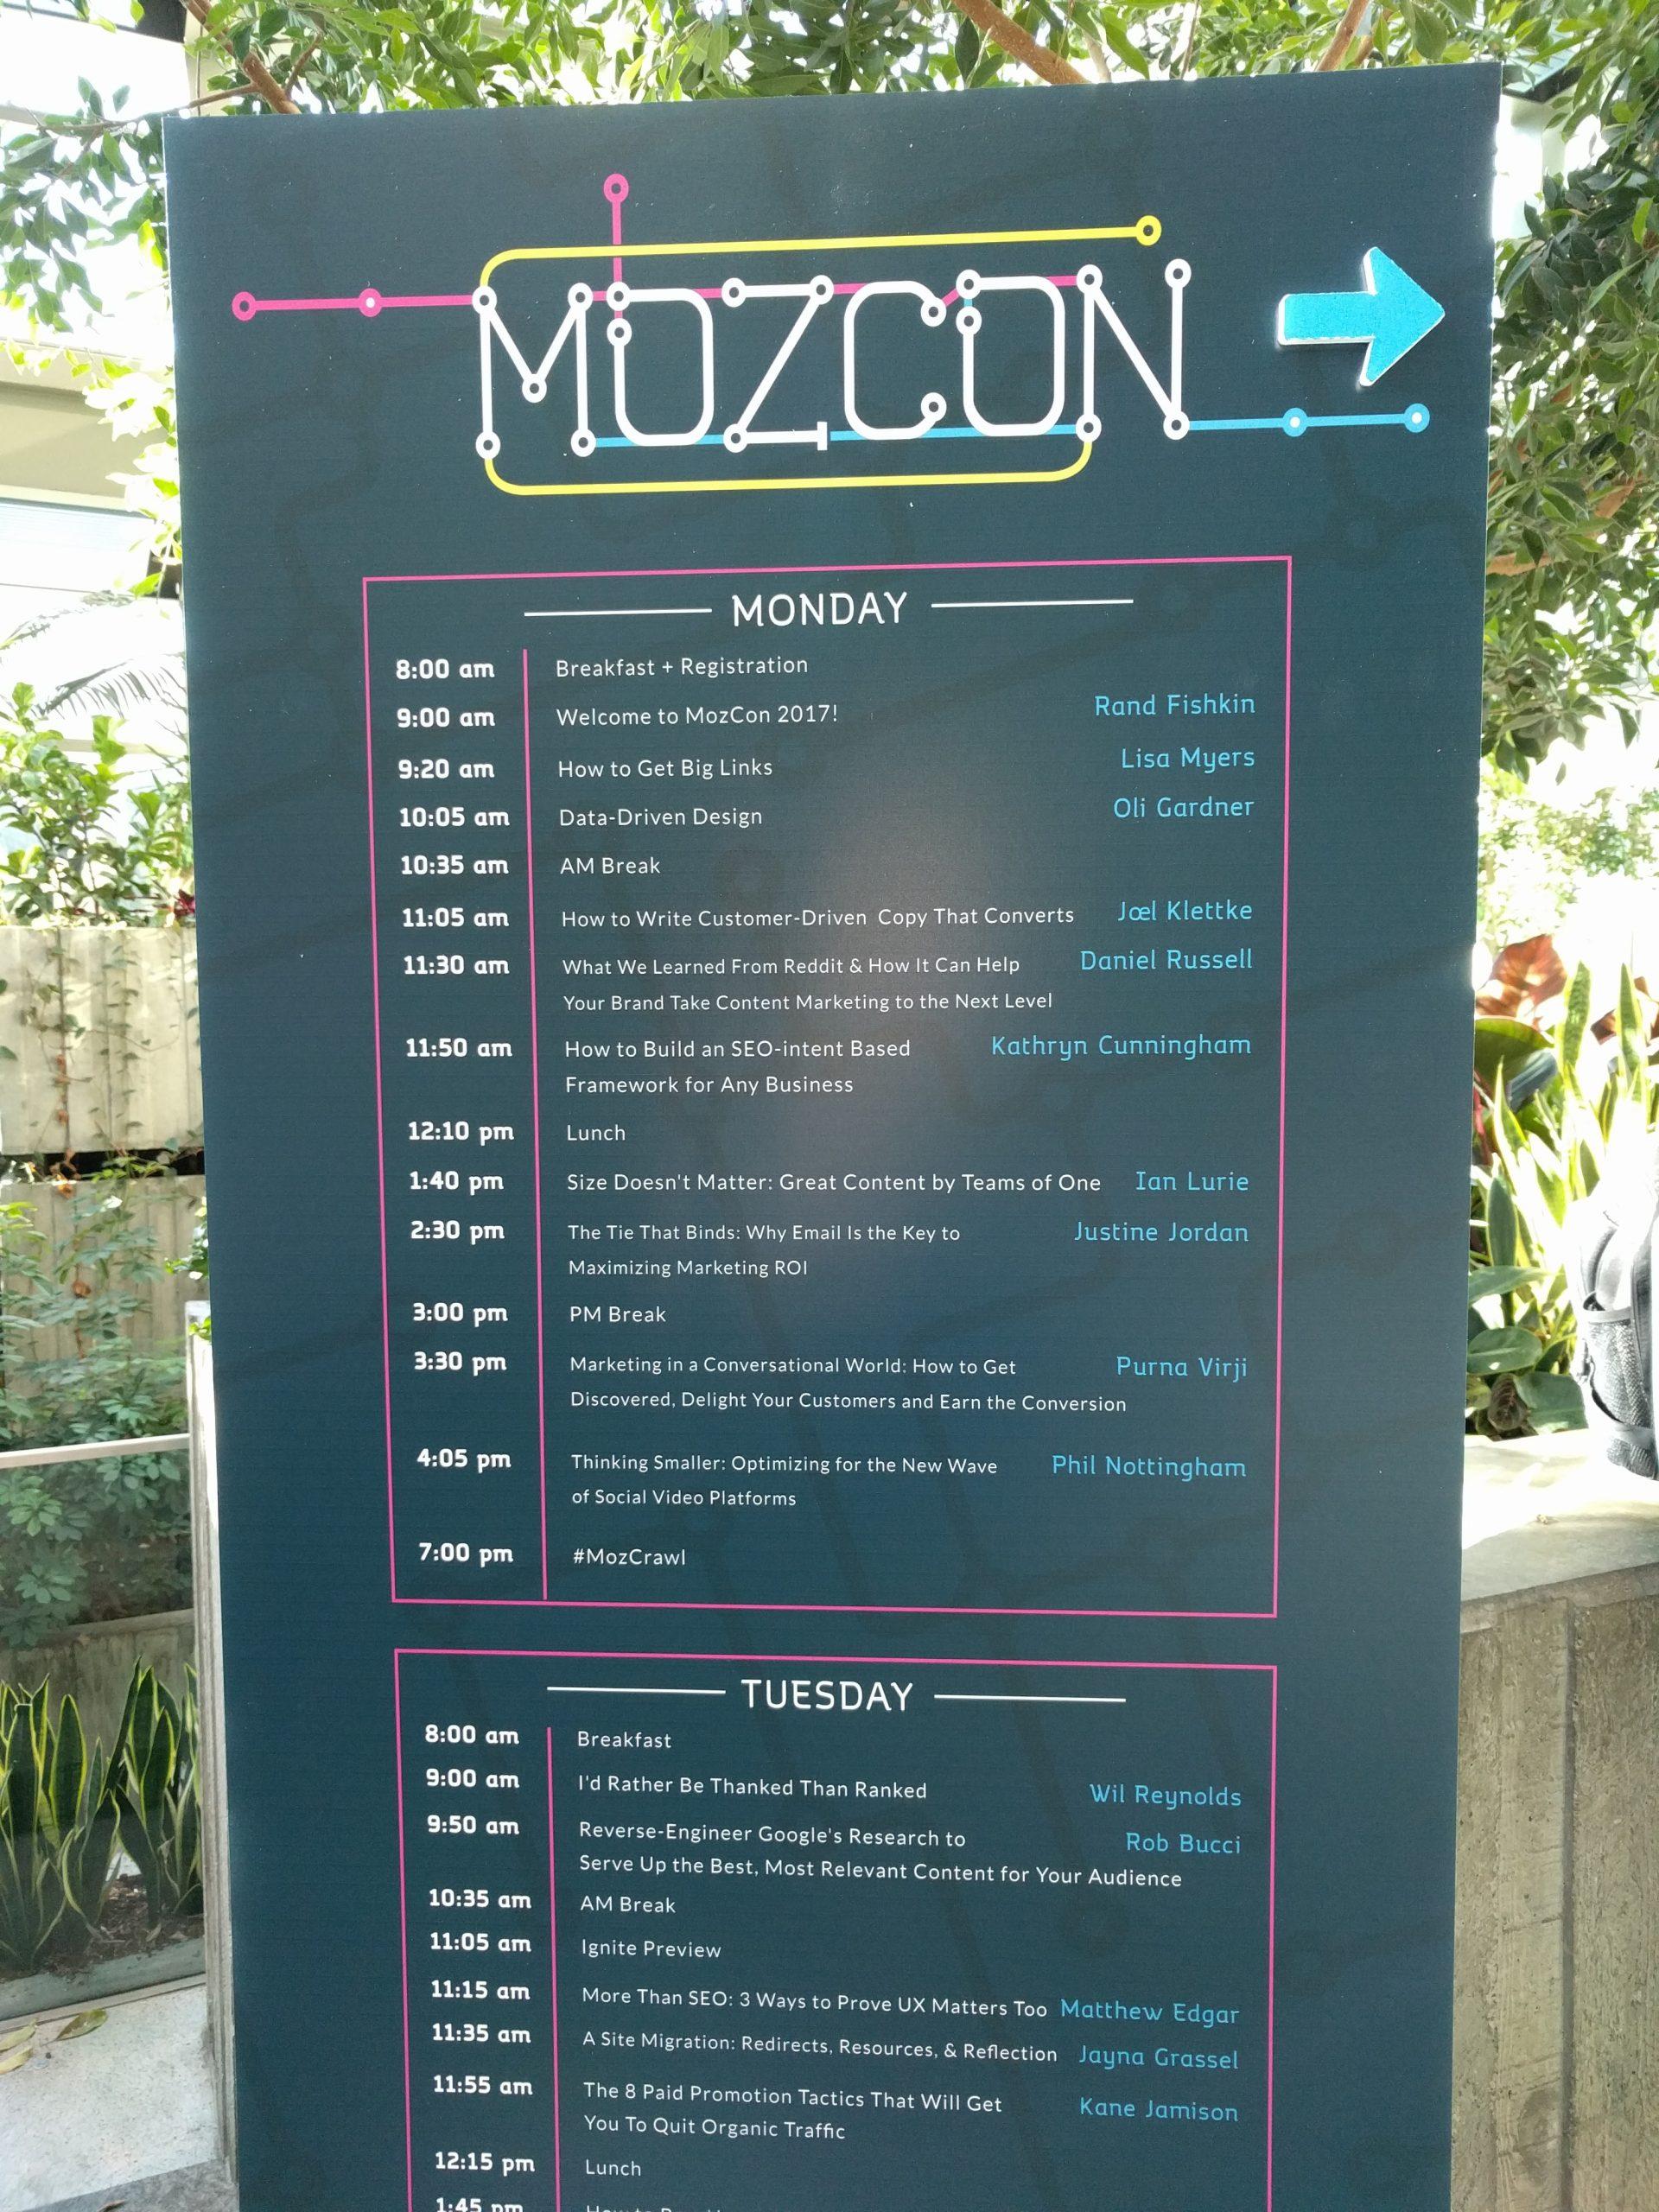 MozCon schedule